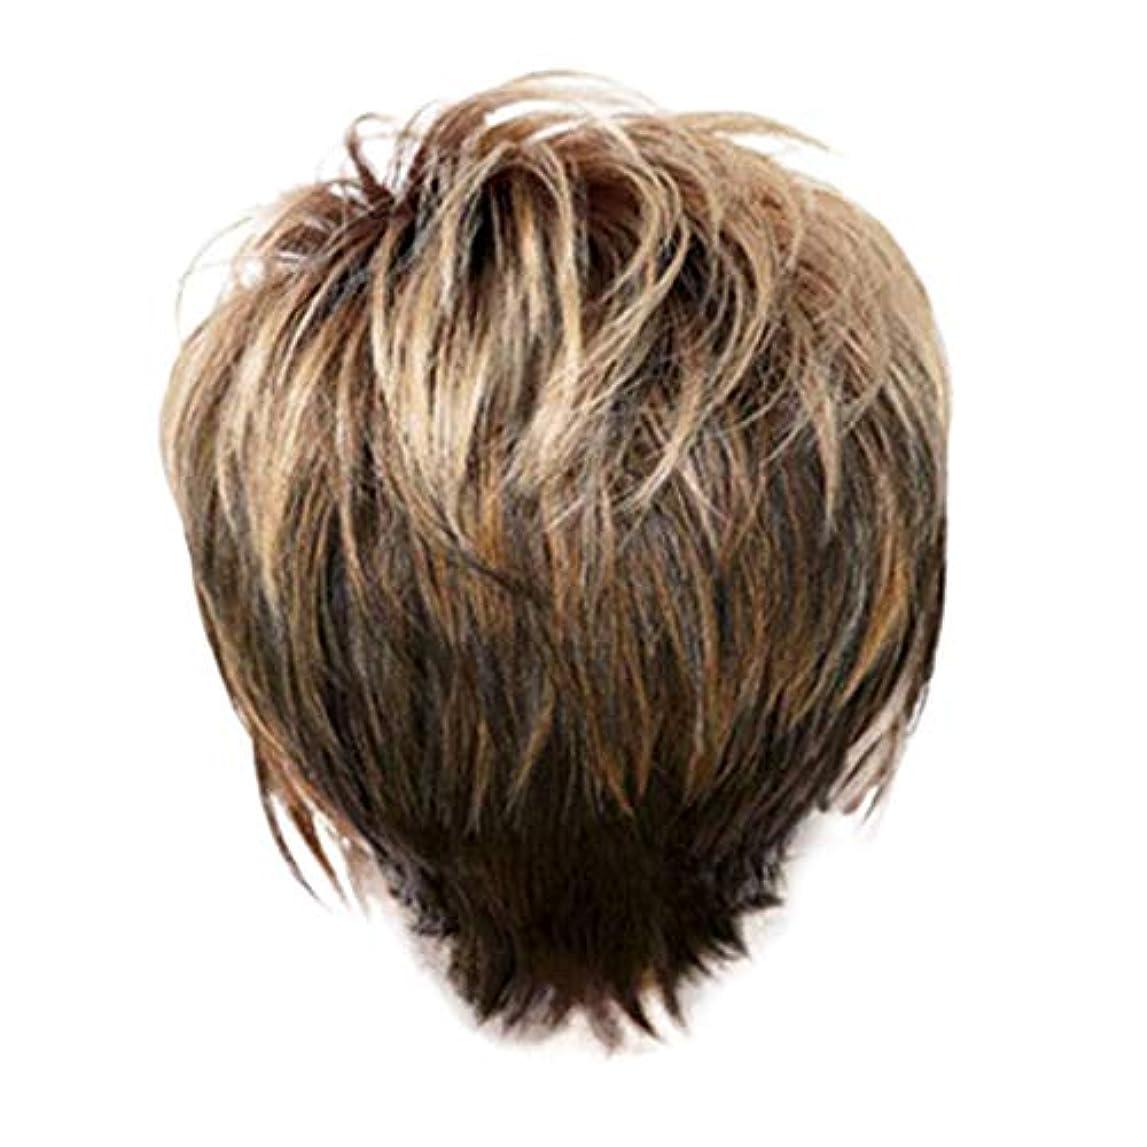 検体発言する脚本家ウィッグ女性の金茶色の短いストレートヘアファッションセクシーなかつら31 cm